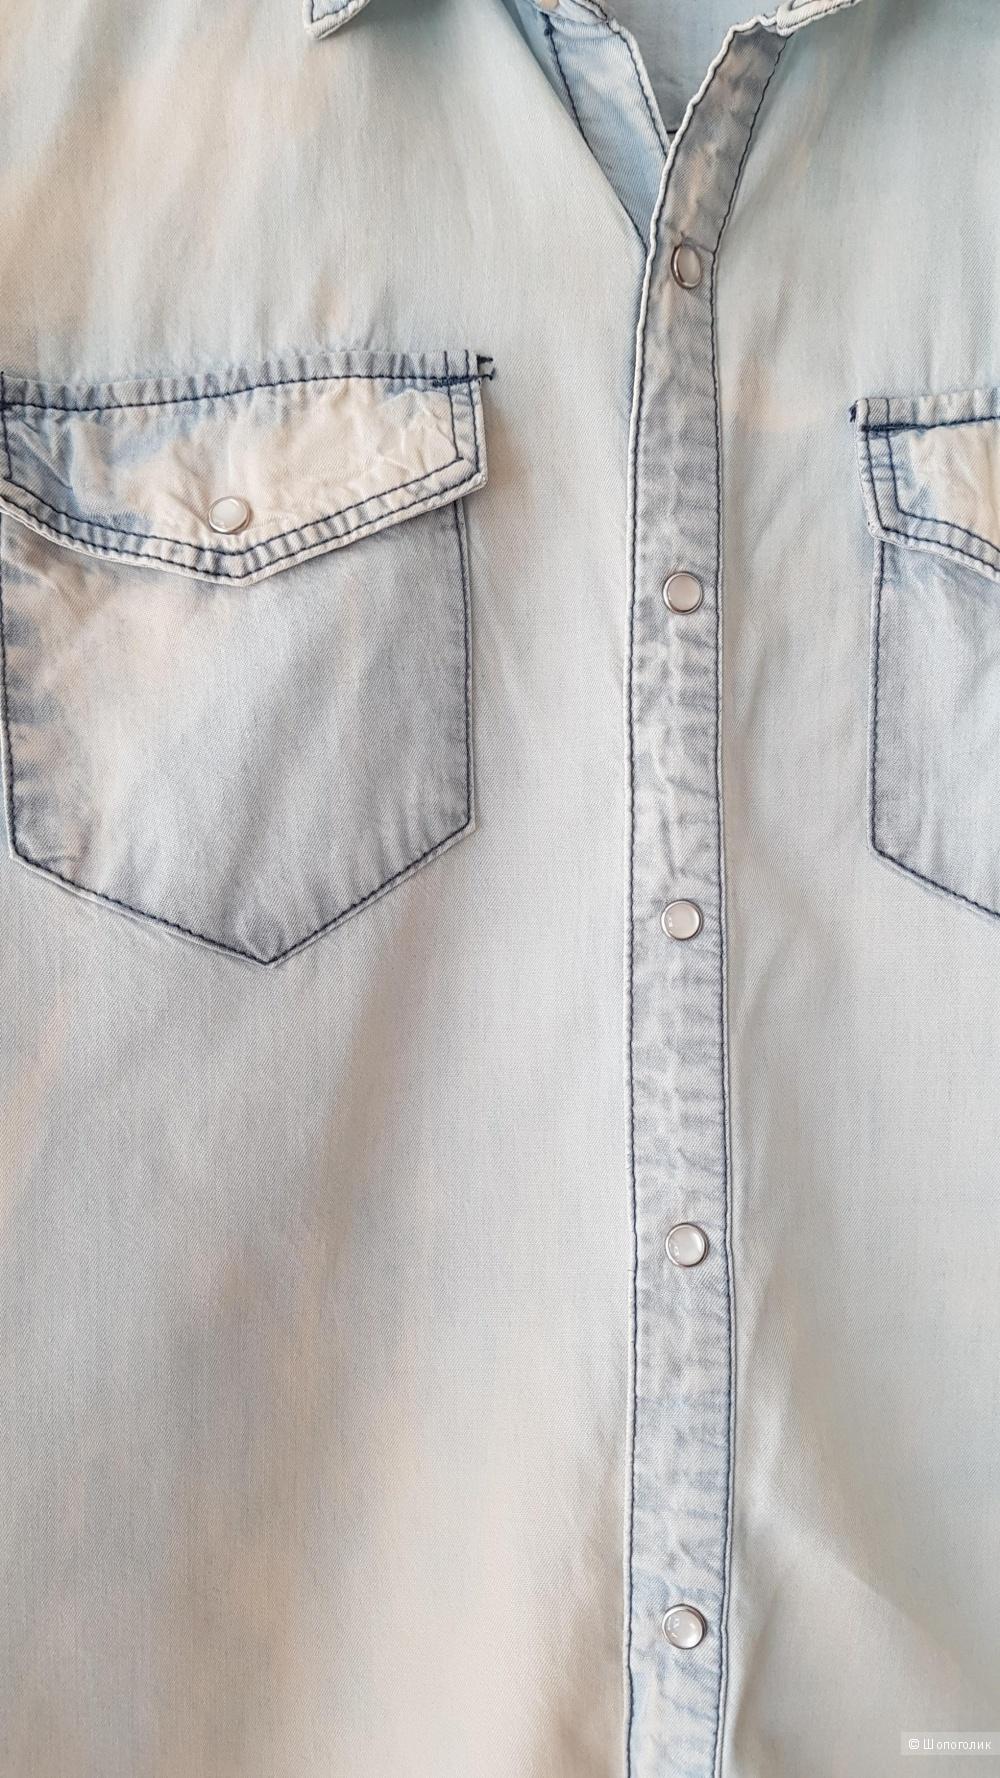 Рубашка H&M, 38 размер